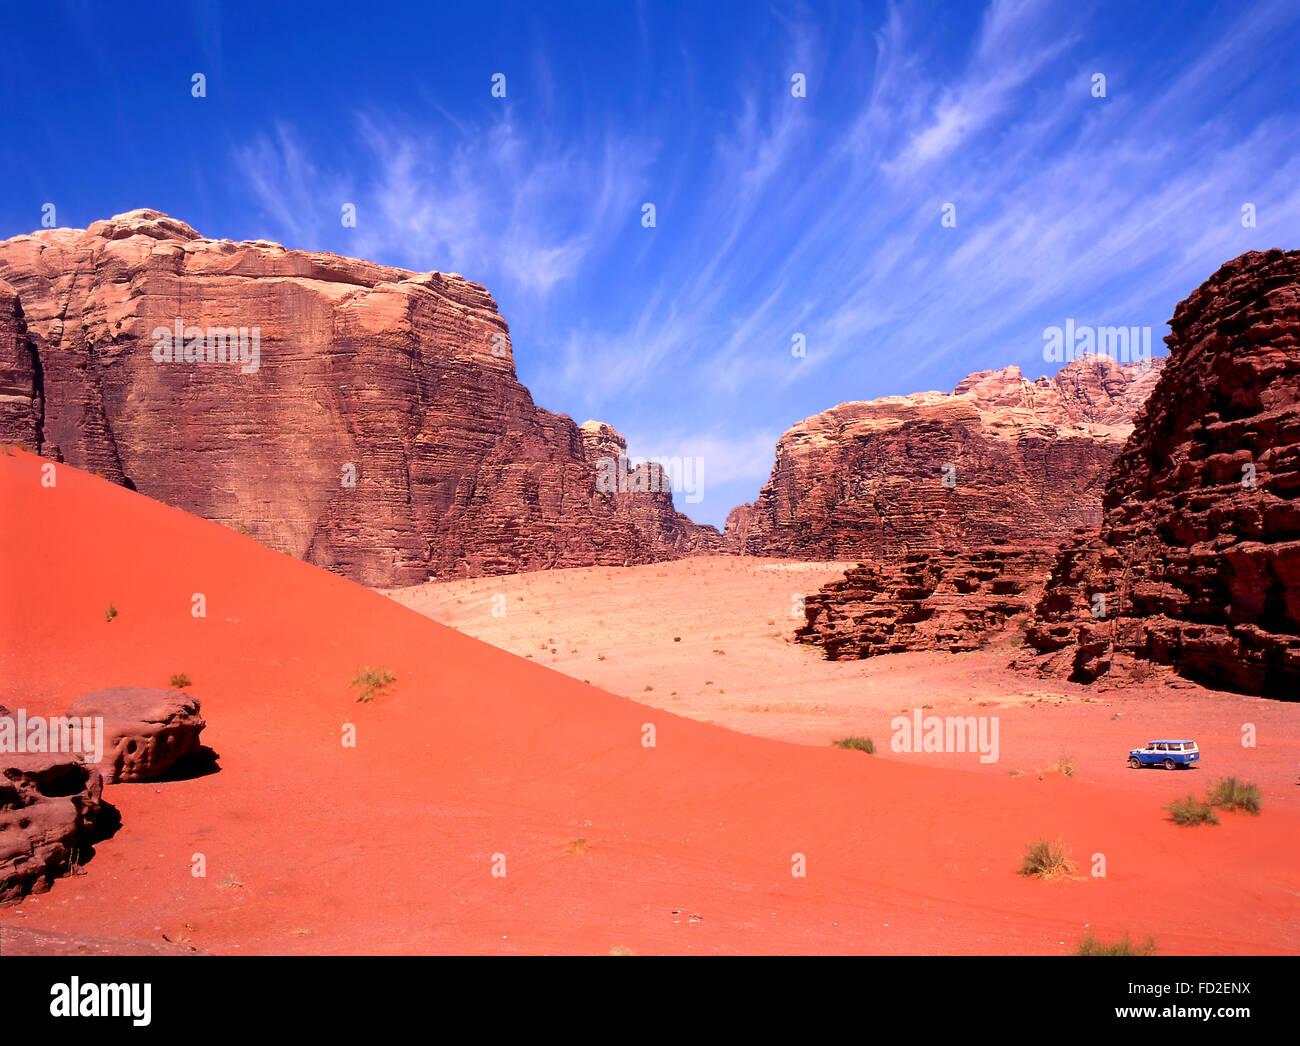 La trazione a quattro ruote motrici a Wadi Rum, Giordania. Cielo blu che si tinge di rosso la sabbia con i turisti Immagini Stock